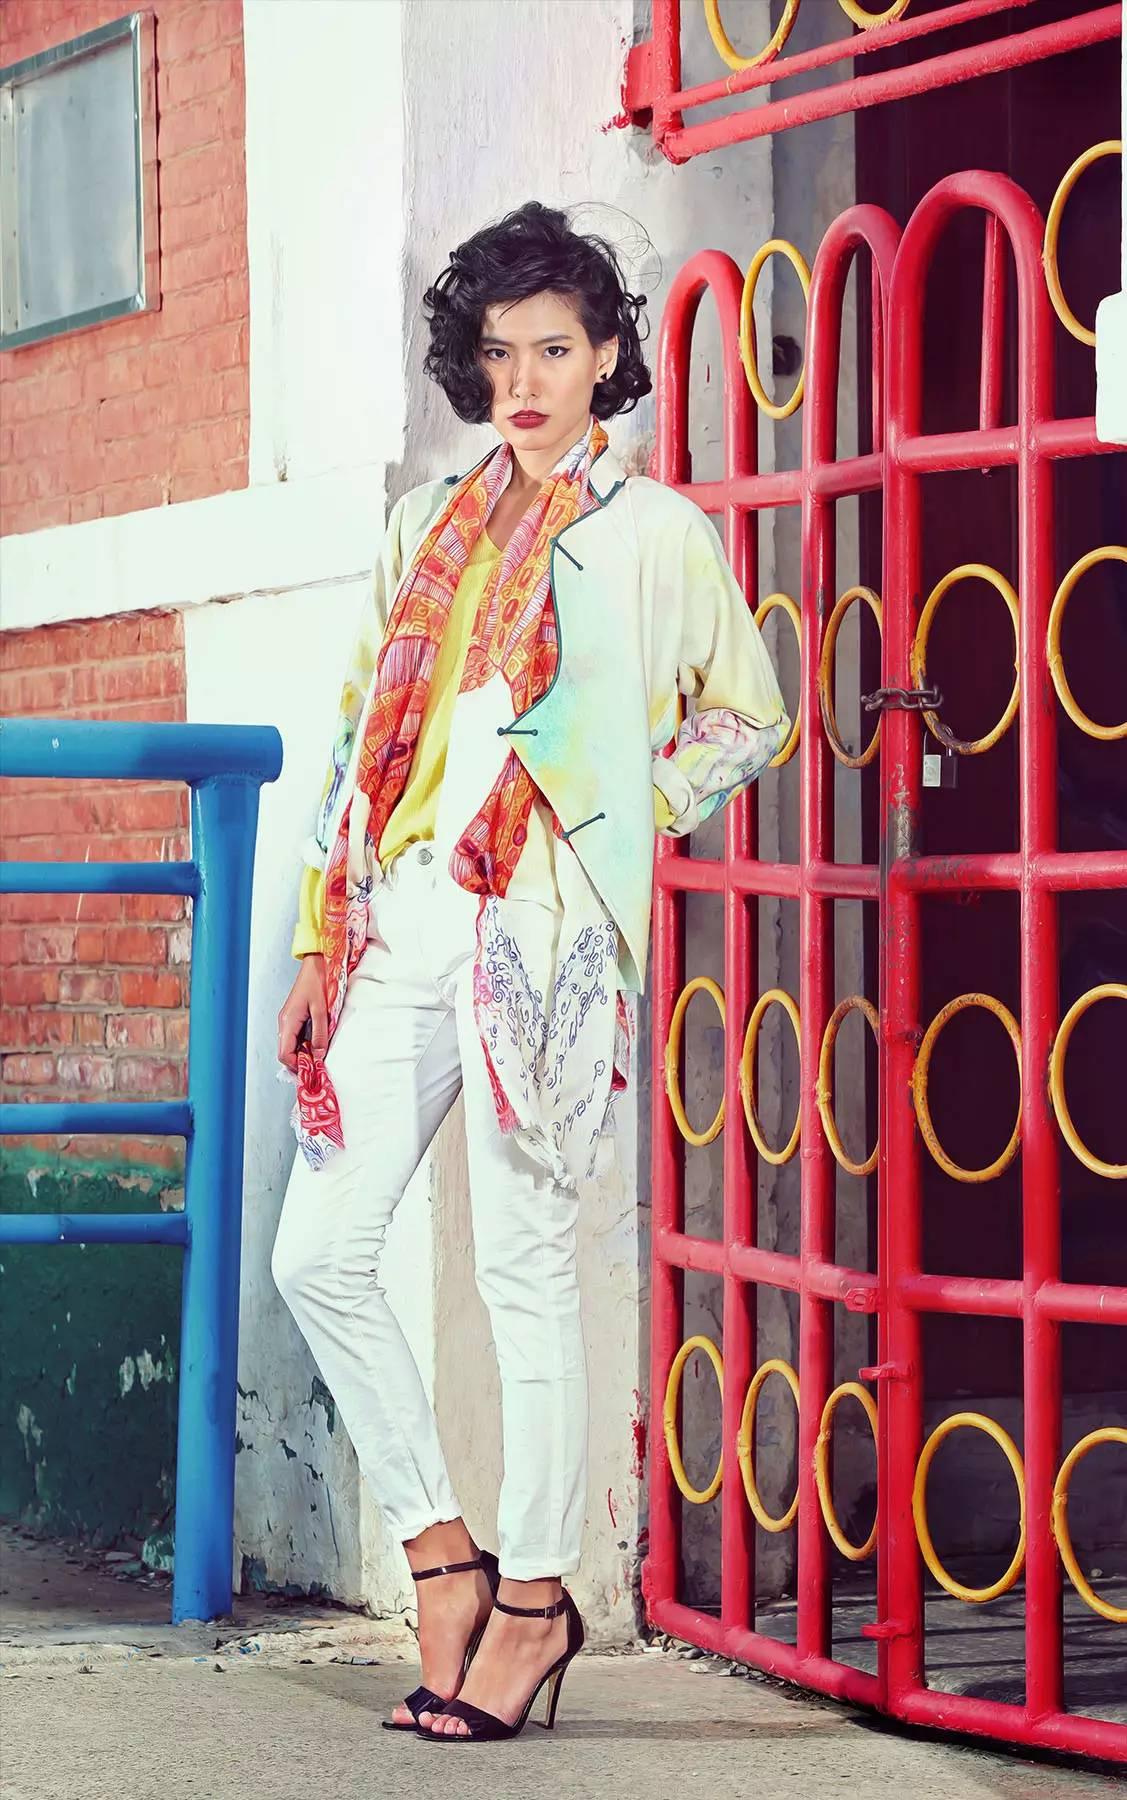 【蒙古服饰】蒙古国知名大牌GOBI 最新流行服饰展播 美呆了 第6张